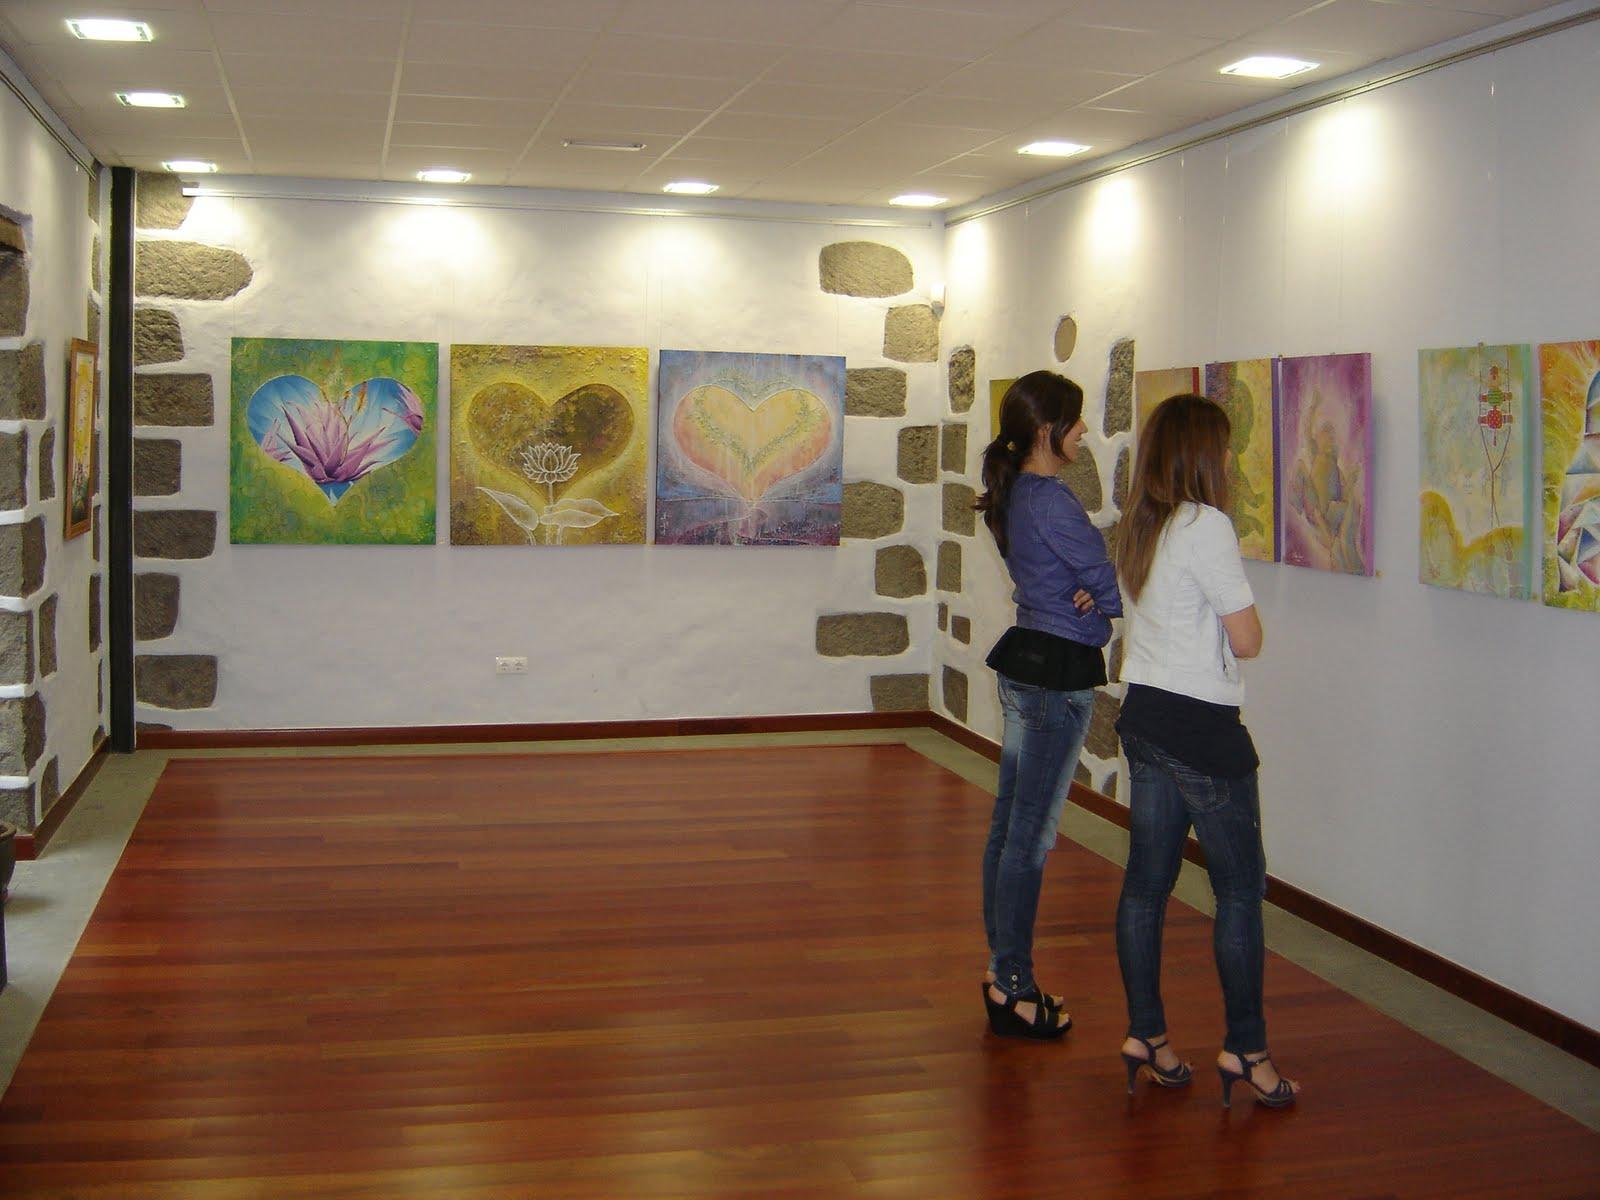 La muestra de este pintor grancanario puede ser visitada de 0800 a 15